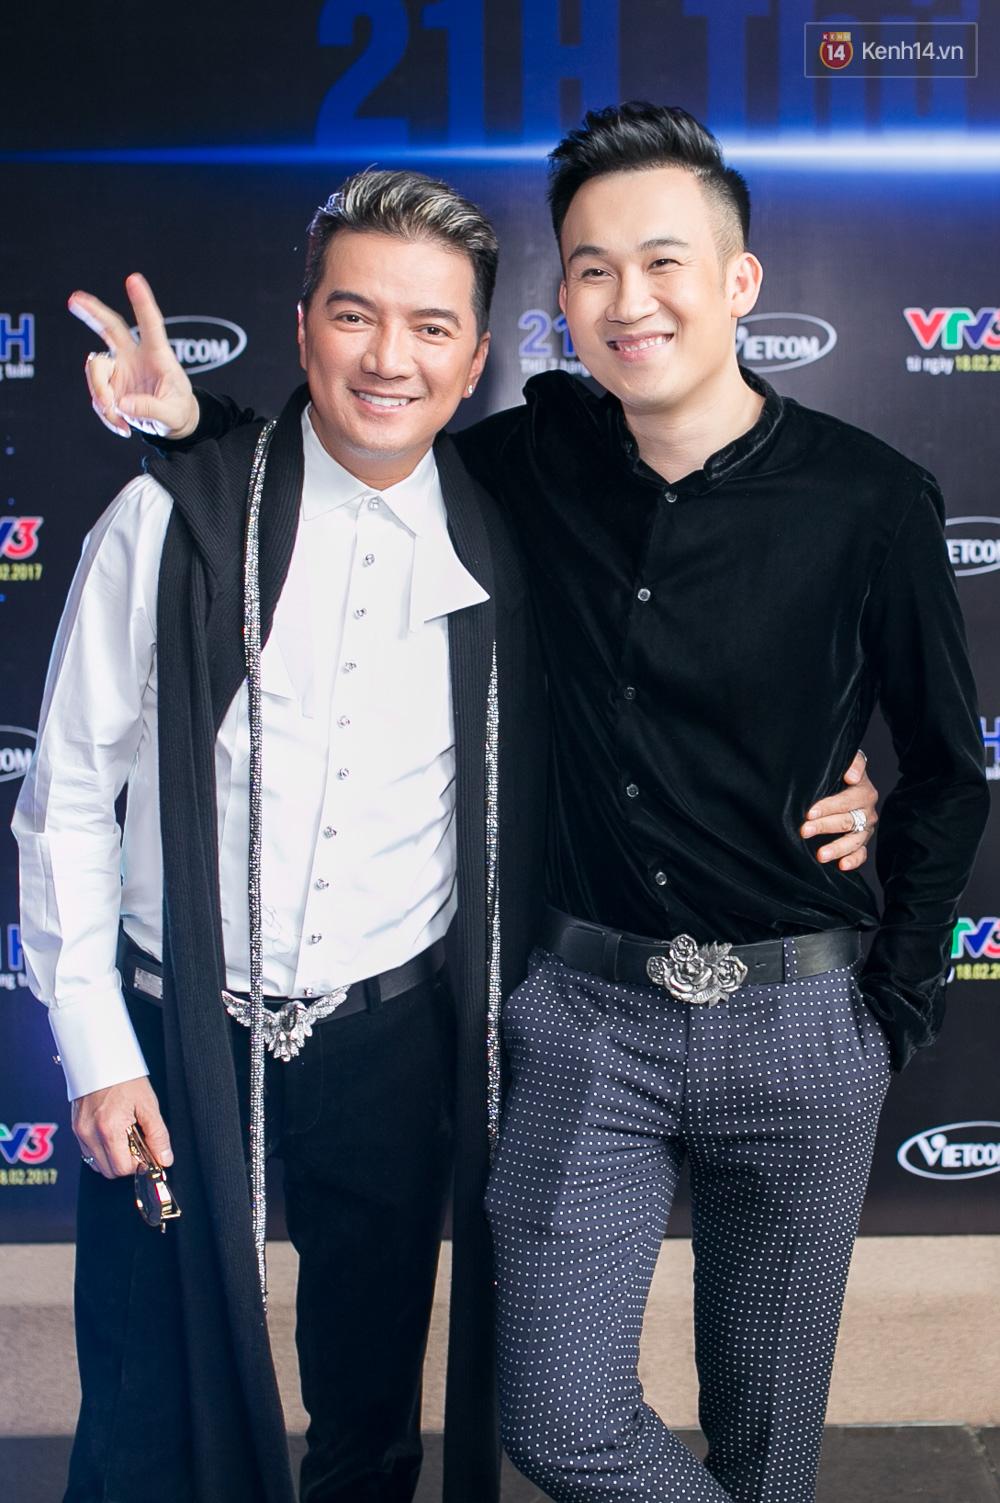 Đàm Vĩnh Hưng - Dương Triệu Vũ đầy tình cảm trong buổi ra mắt show thực tế mới cùng nhau - Ảnh 2.